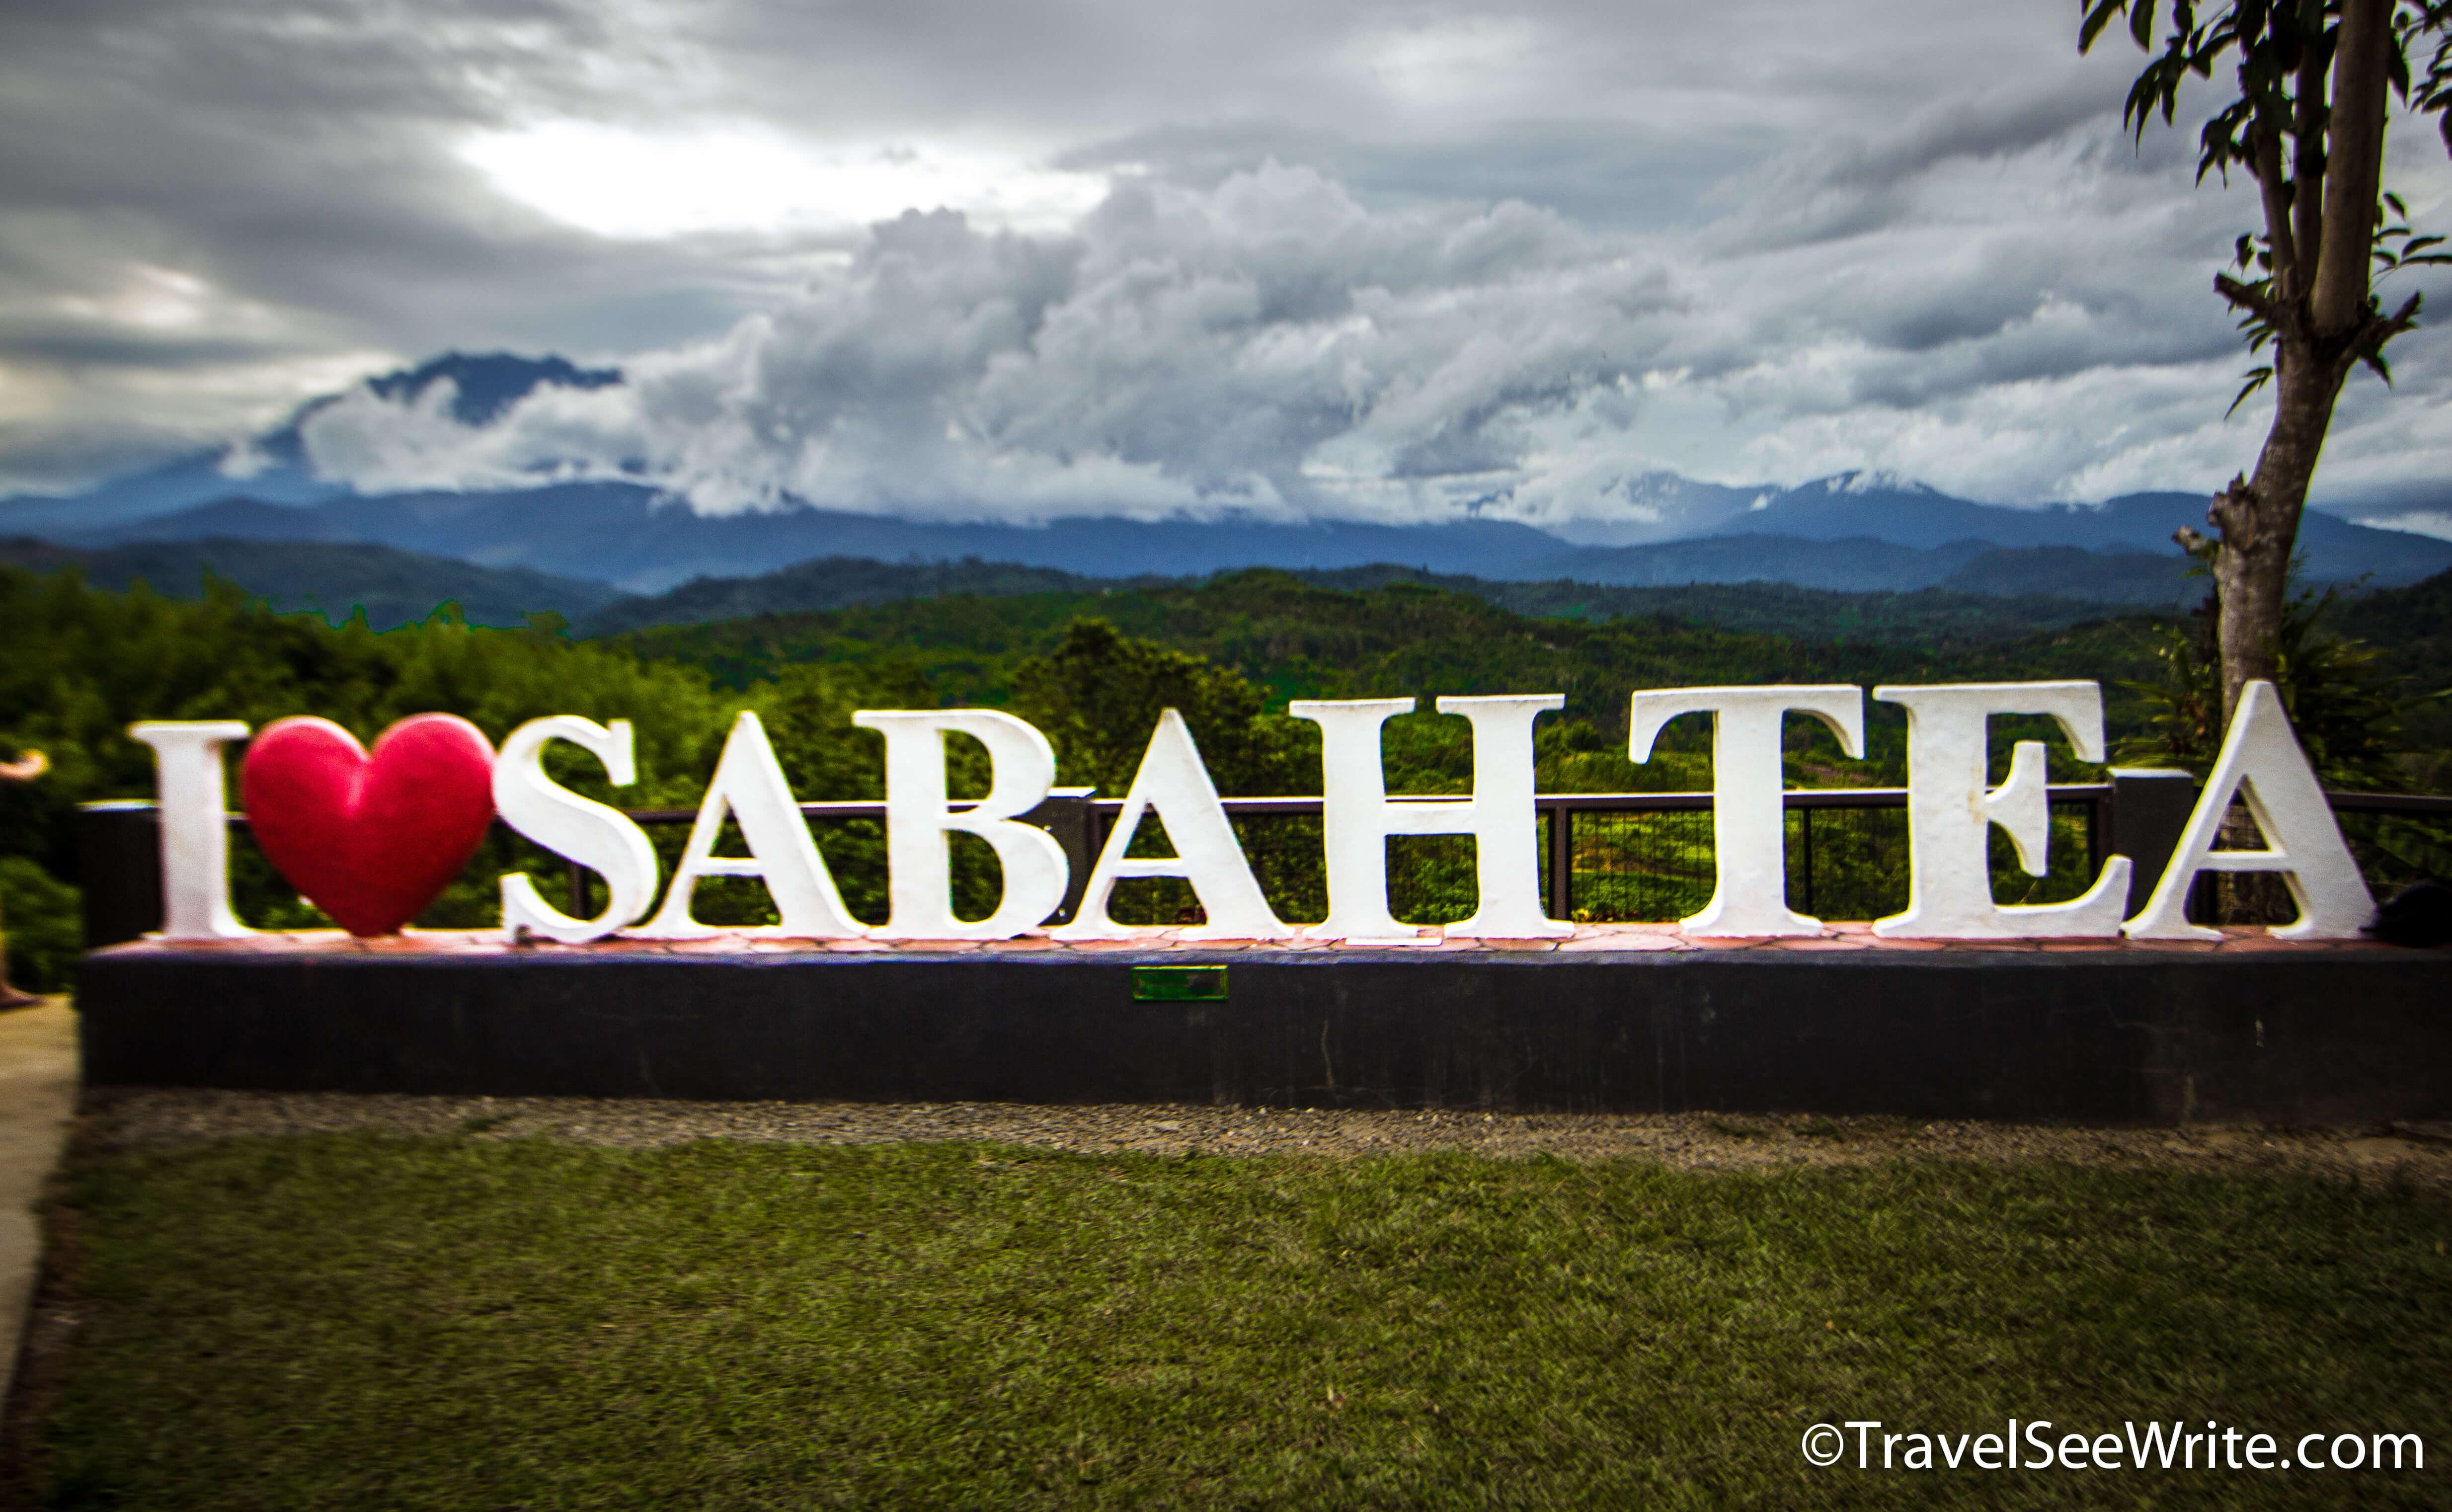 A signage at Sabah Tea Garden - southeast asia travel